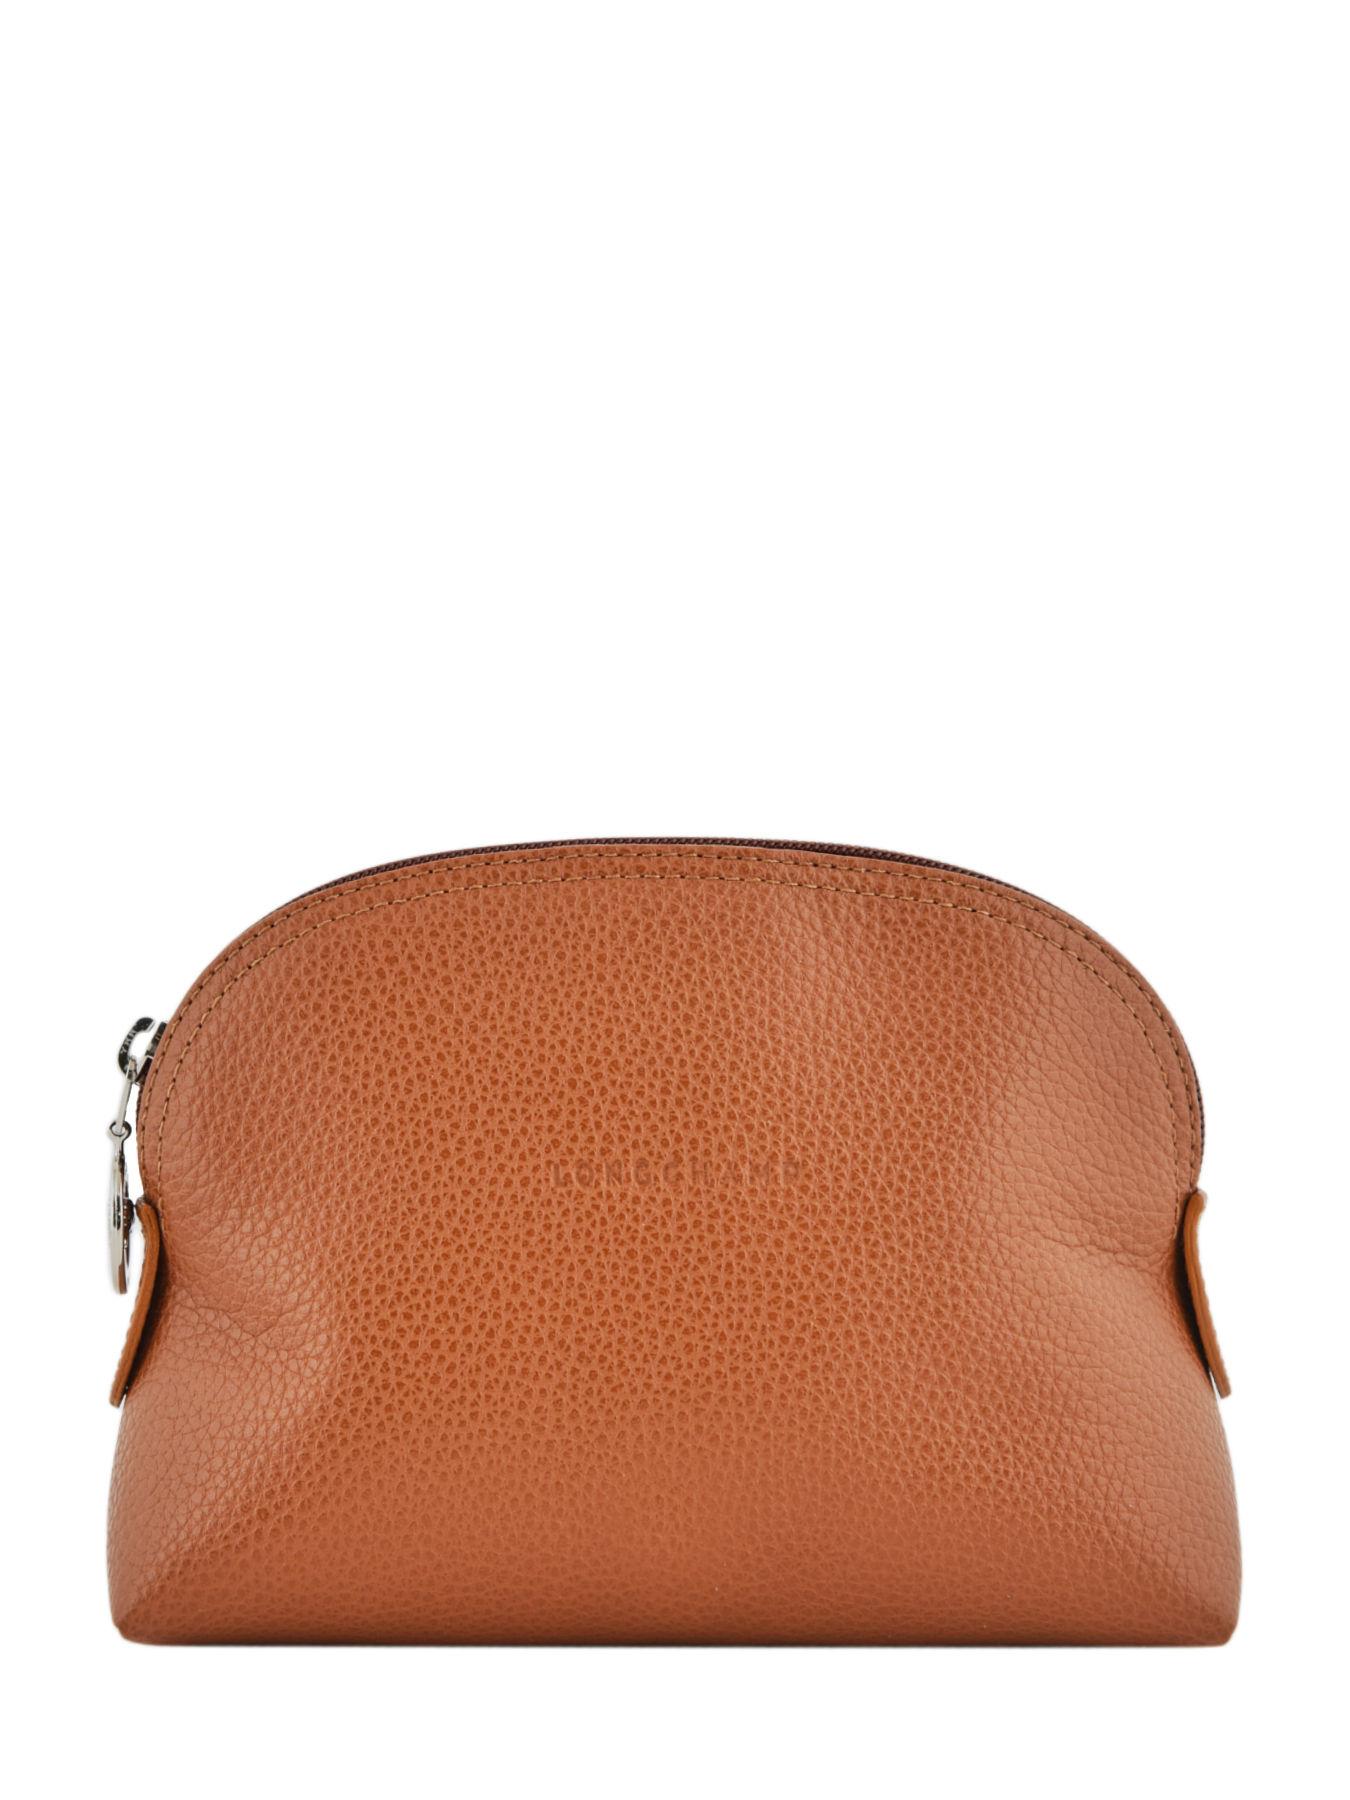 Leather pouch Le Foulonné LONGCHAMP